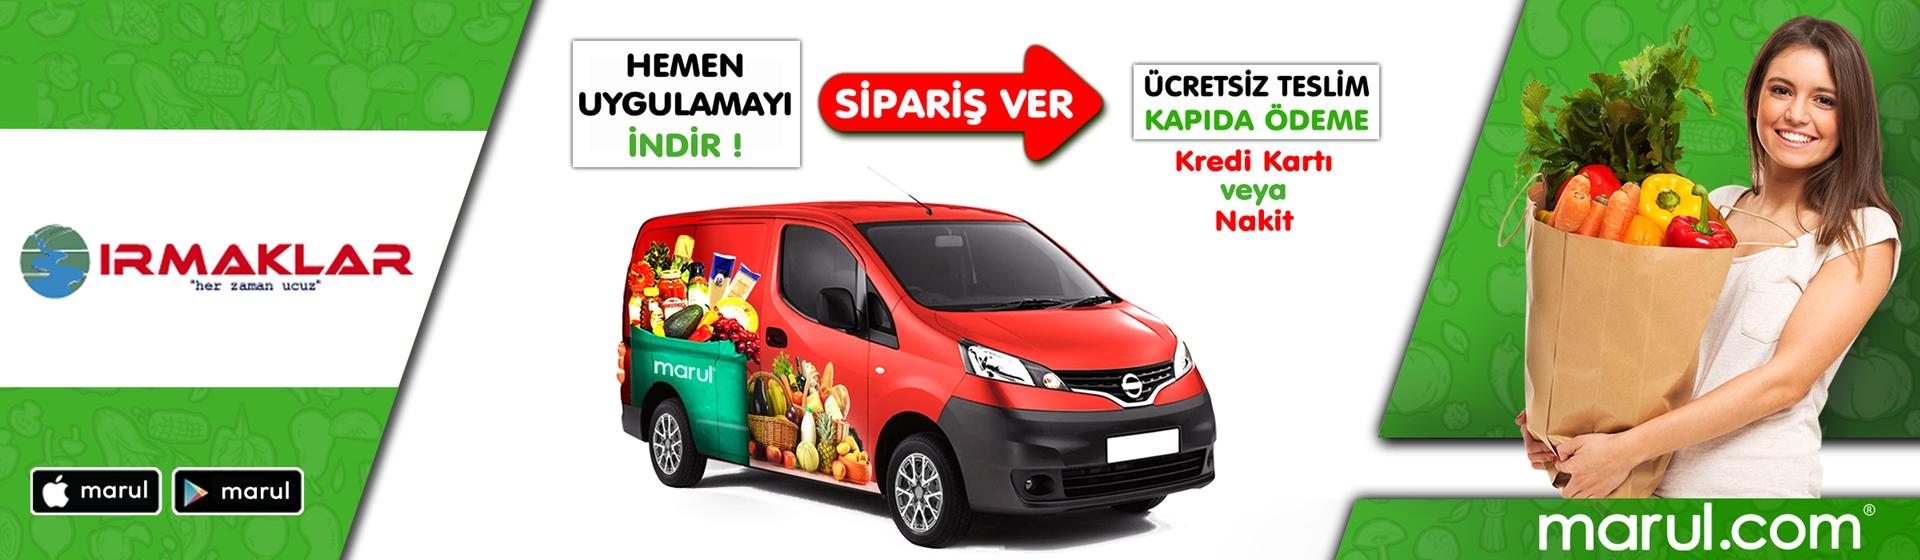 istanbul esenkent ırmak marketleri online market alışverişi